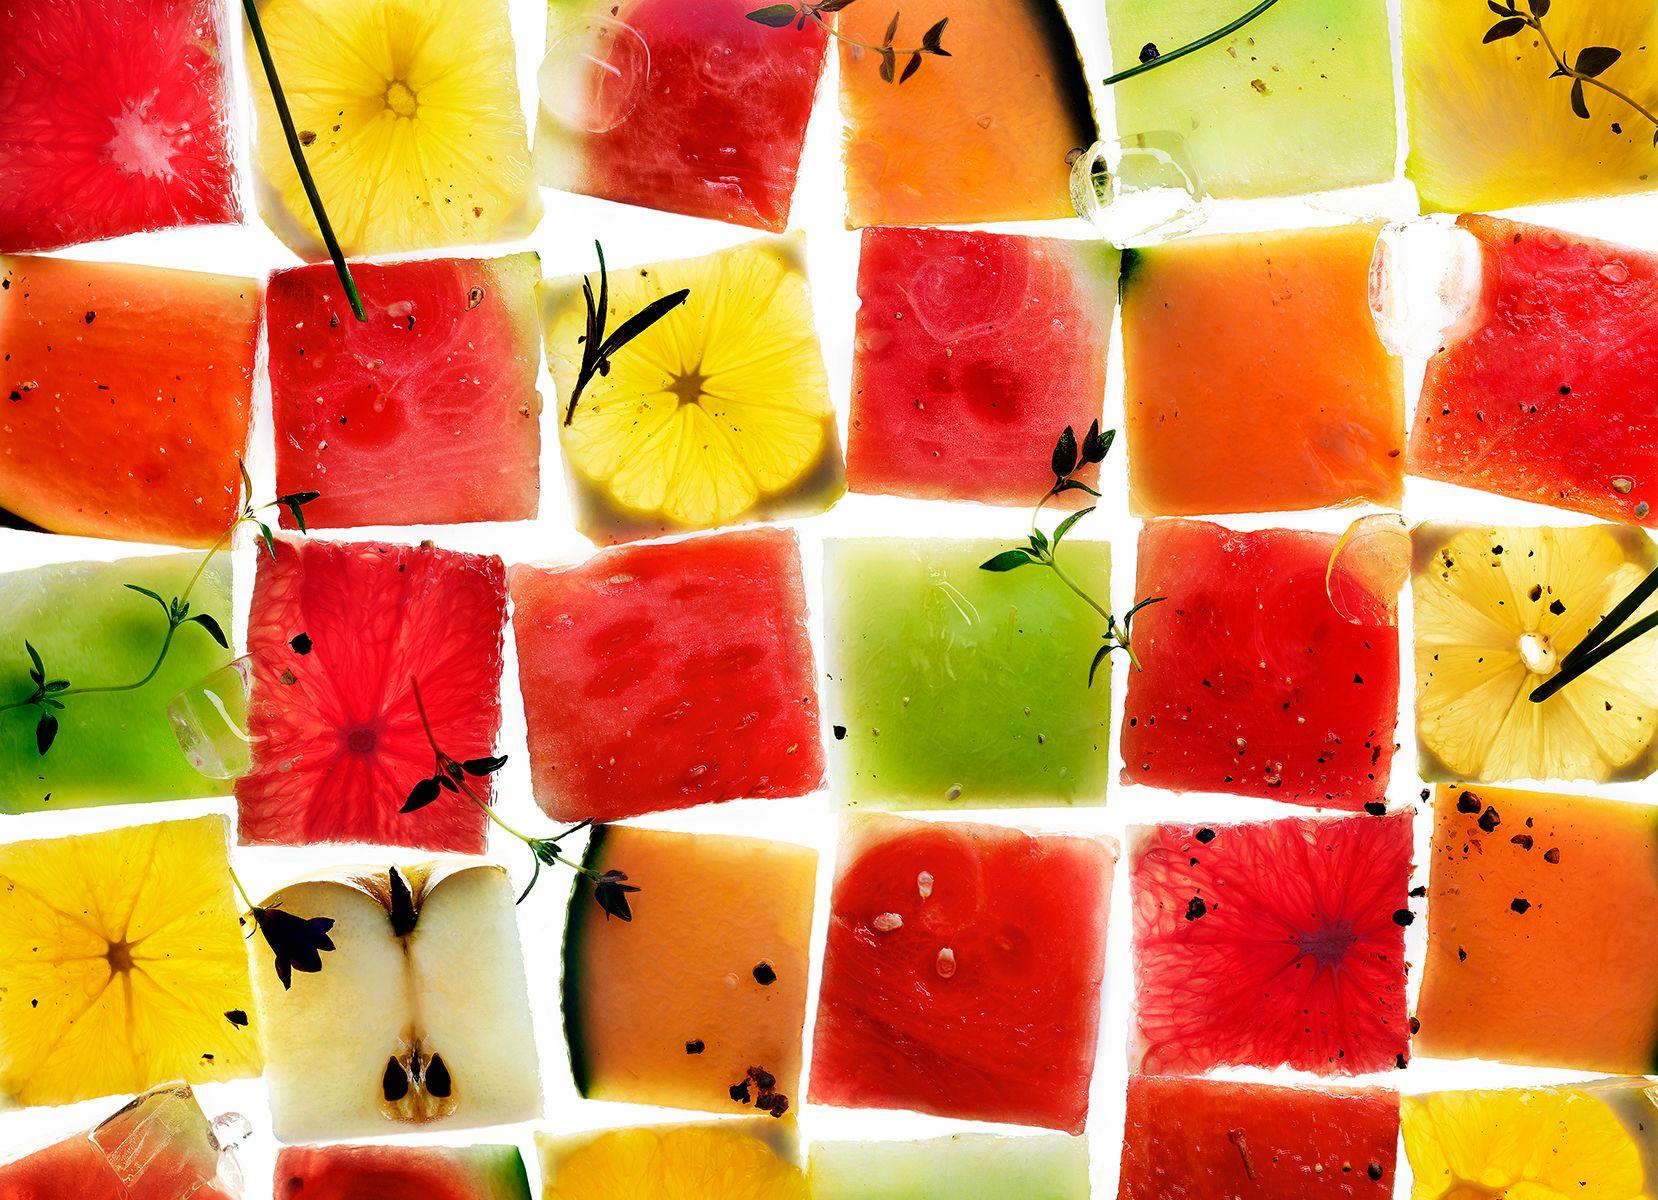 fruit_grid252840d7.jpg